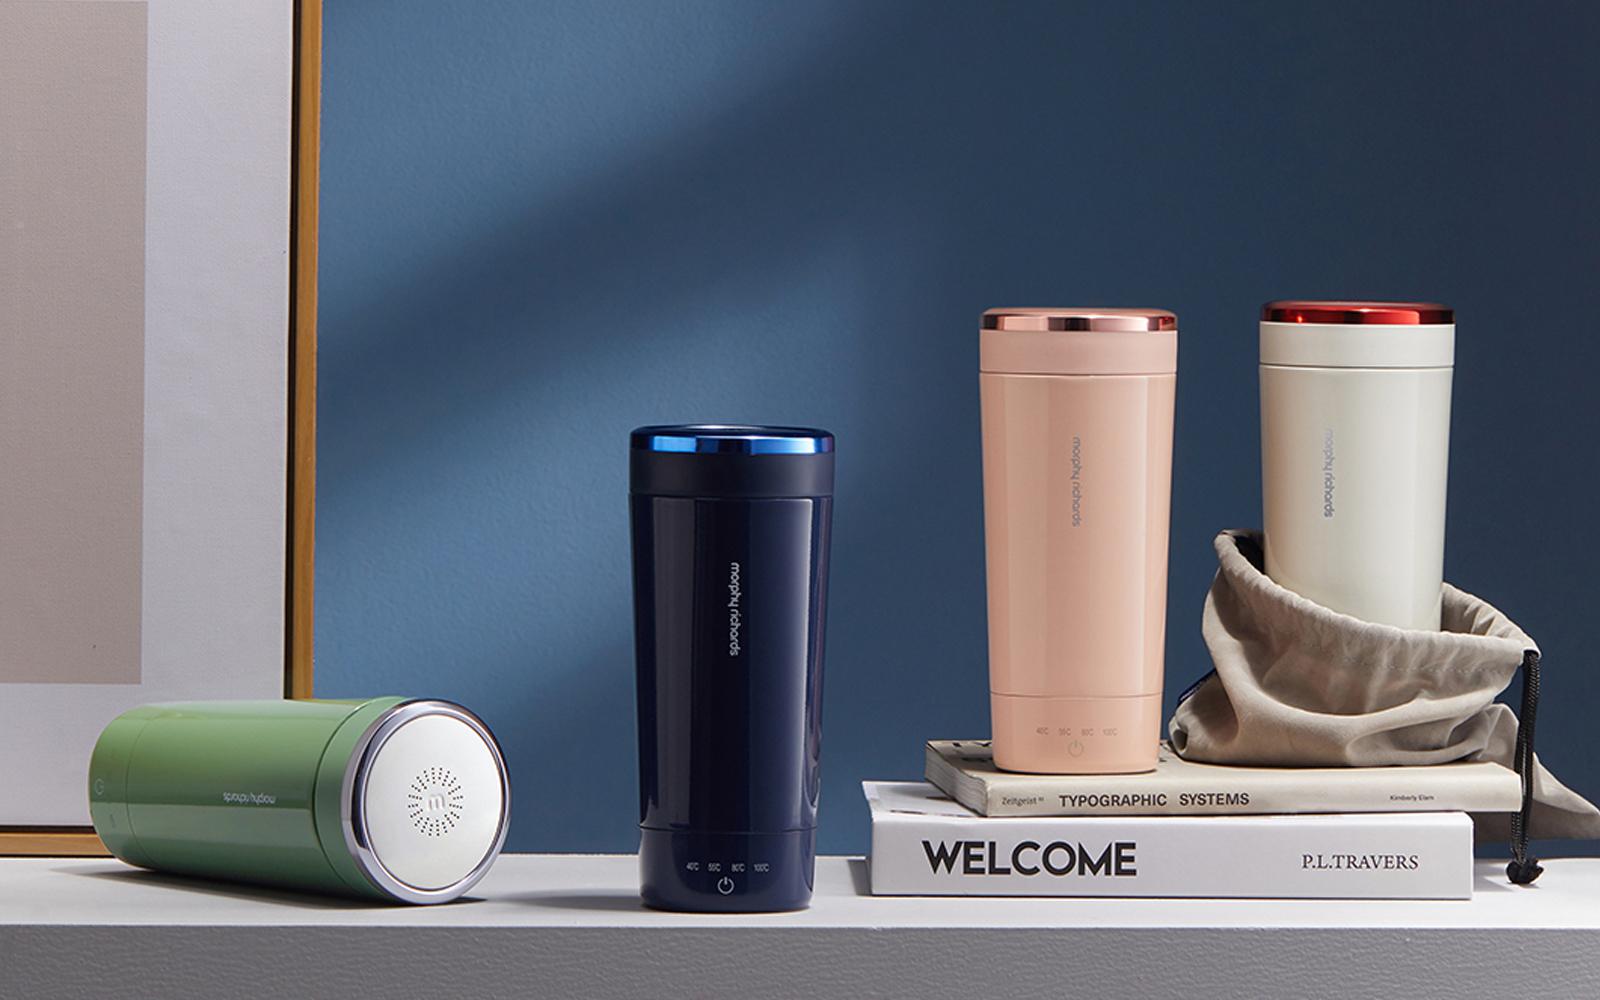 天猫降低品牌入驻门槛;智能健身镜 FITURE、运动时尚科技品牌 MOLY VIVI 获融资;可口可乐上新燕麦奶产品|品牌日报